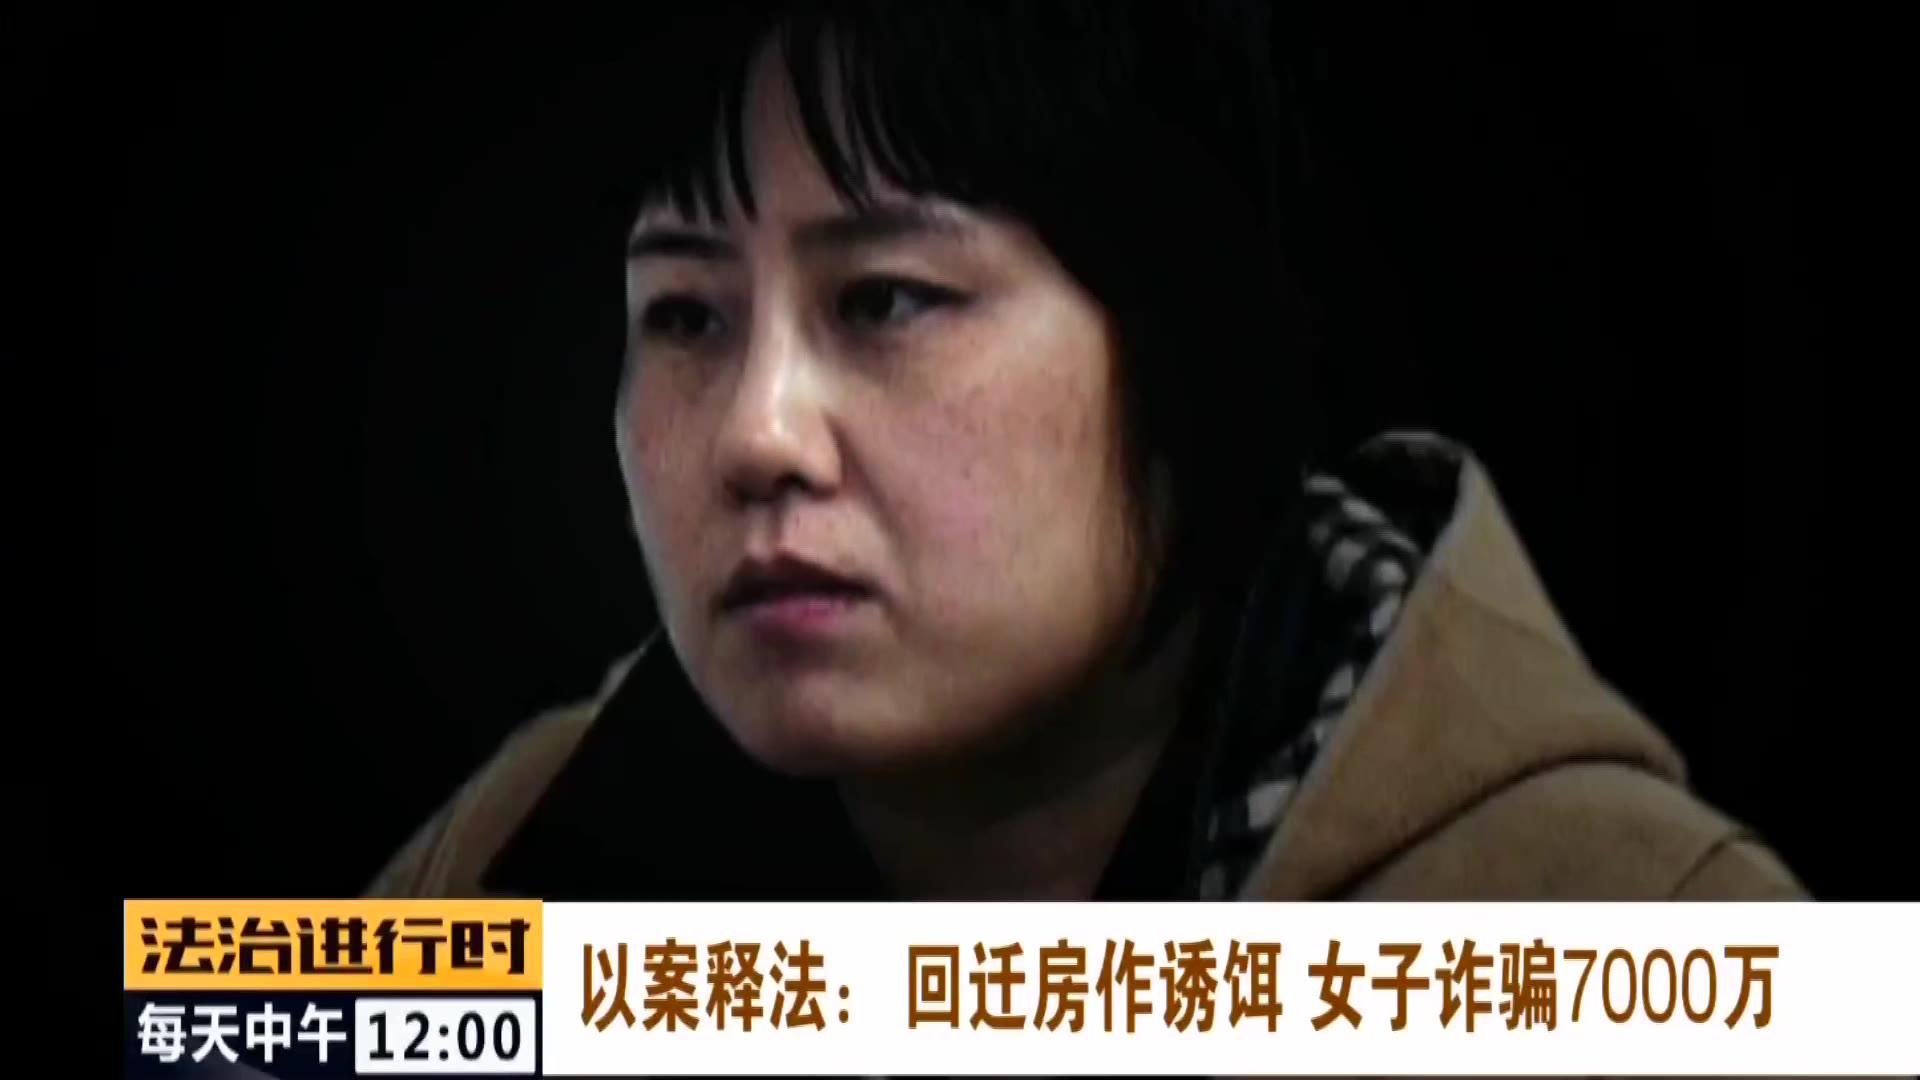 北京大案纪实:女子布下惊天骗局,诈骗7000万